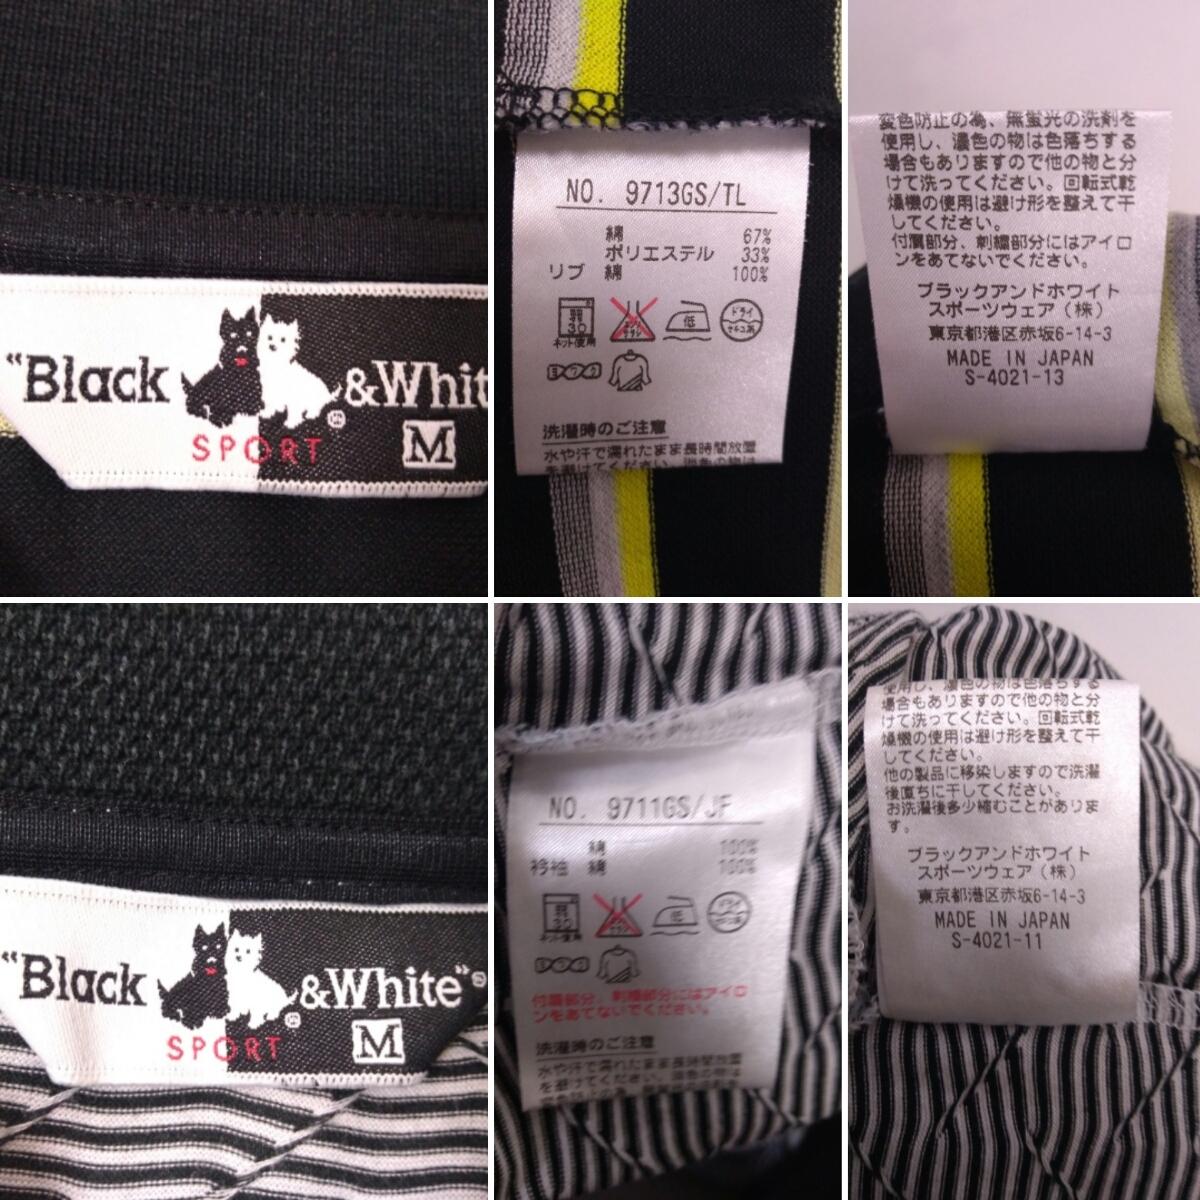 近年モデル 吸水速乾 極美品 BLACK&WHITE ボーダー 総柄 半袖ポロシャツ メンズM ブラック&ホワイト ゴルフウェア 国内正規品 190314_画像7